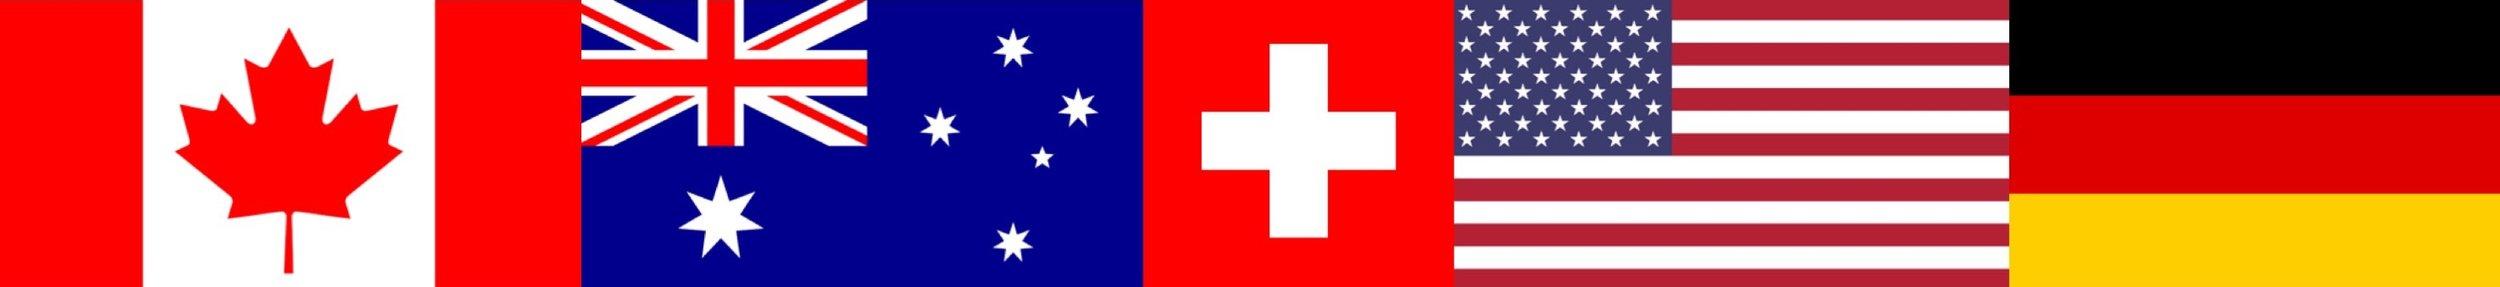 PINK 7 Flags.jpg